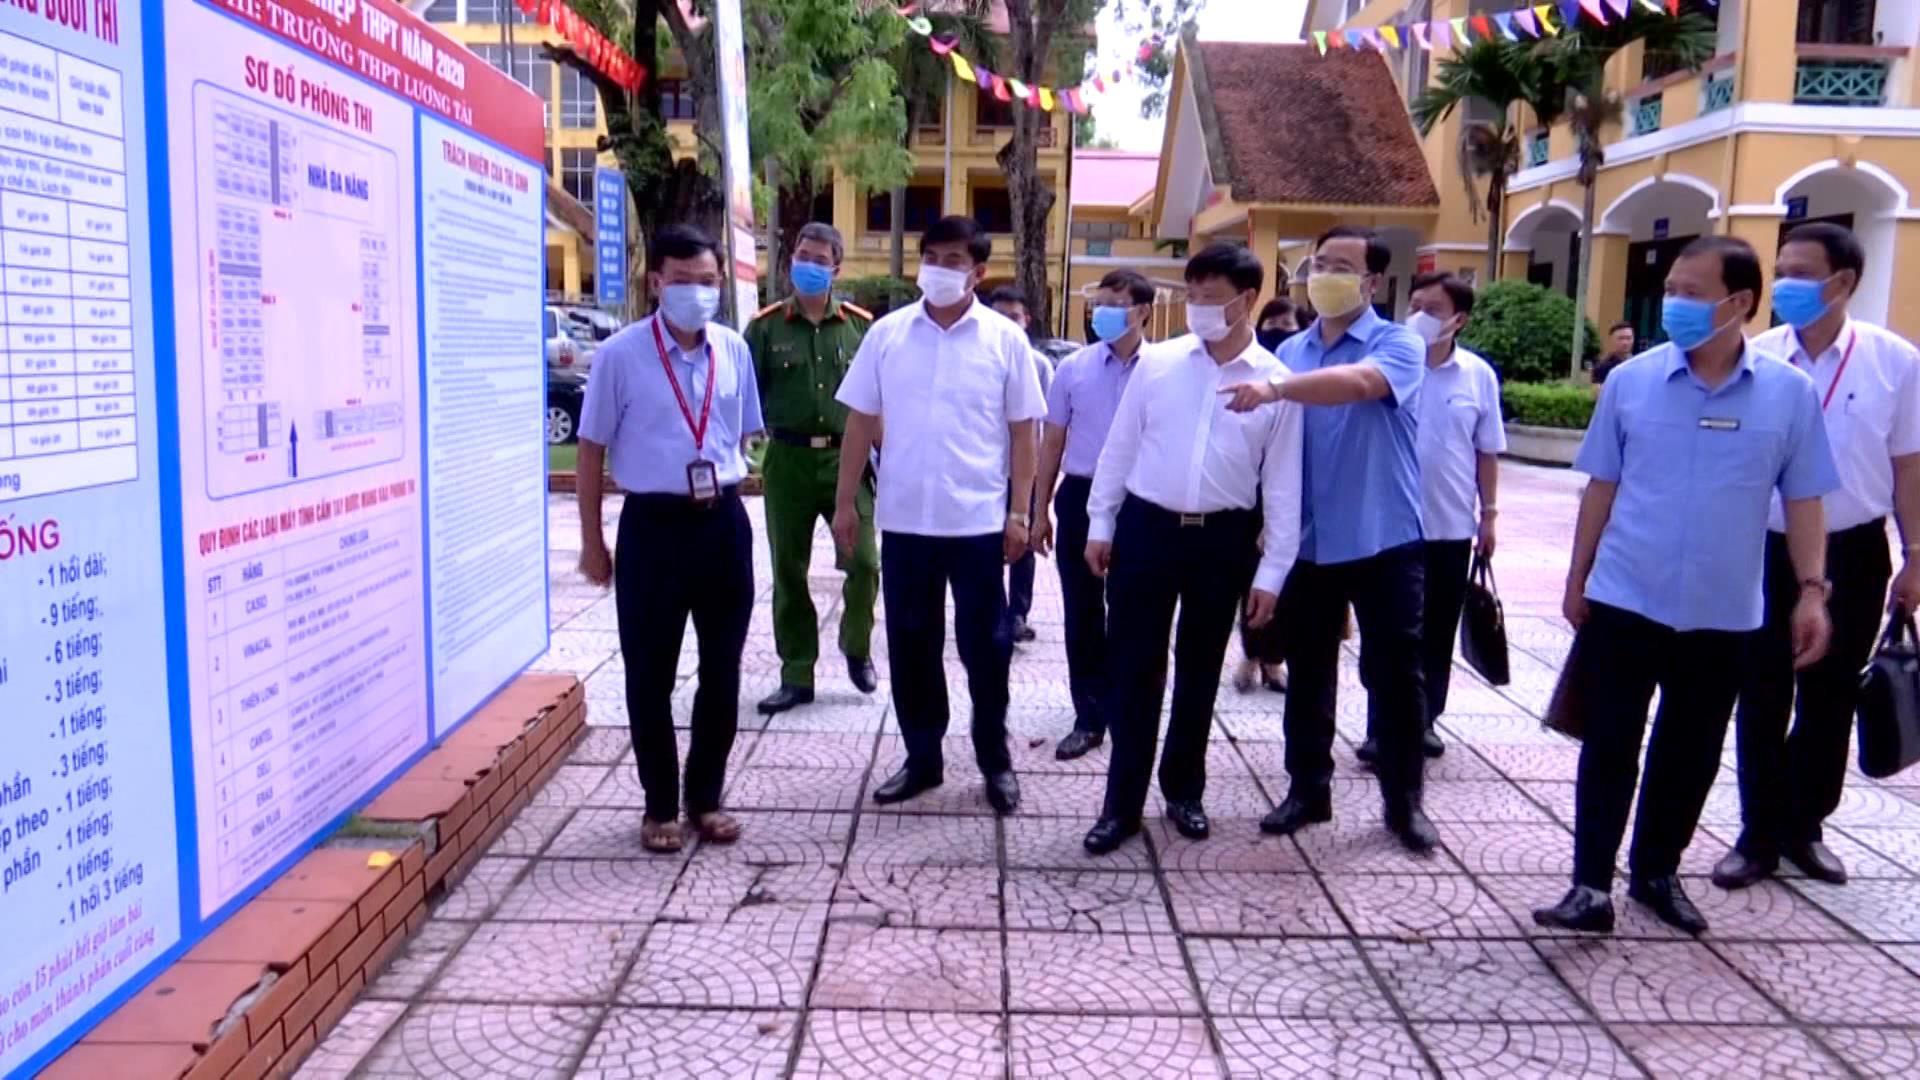 Bắc Ninh sẵn sàng các kịch bản cho kỳ thi tốt nghiệp Trung học Phổ thông